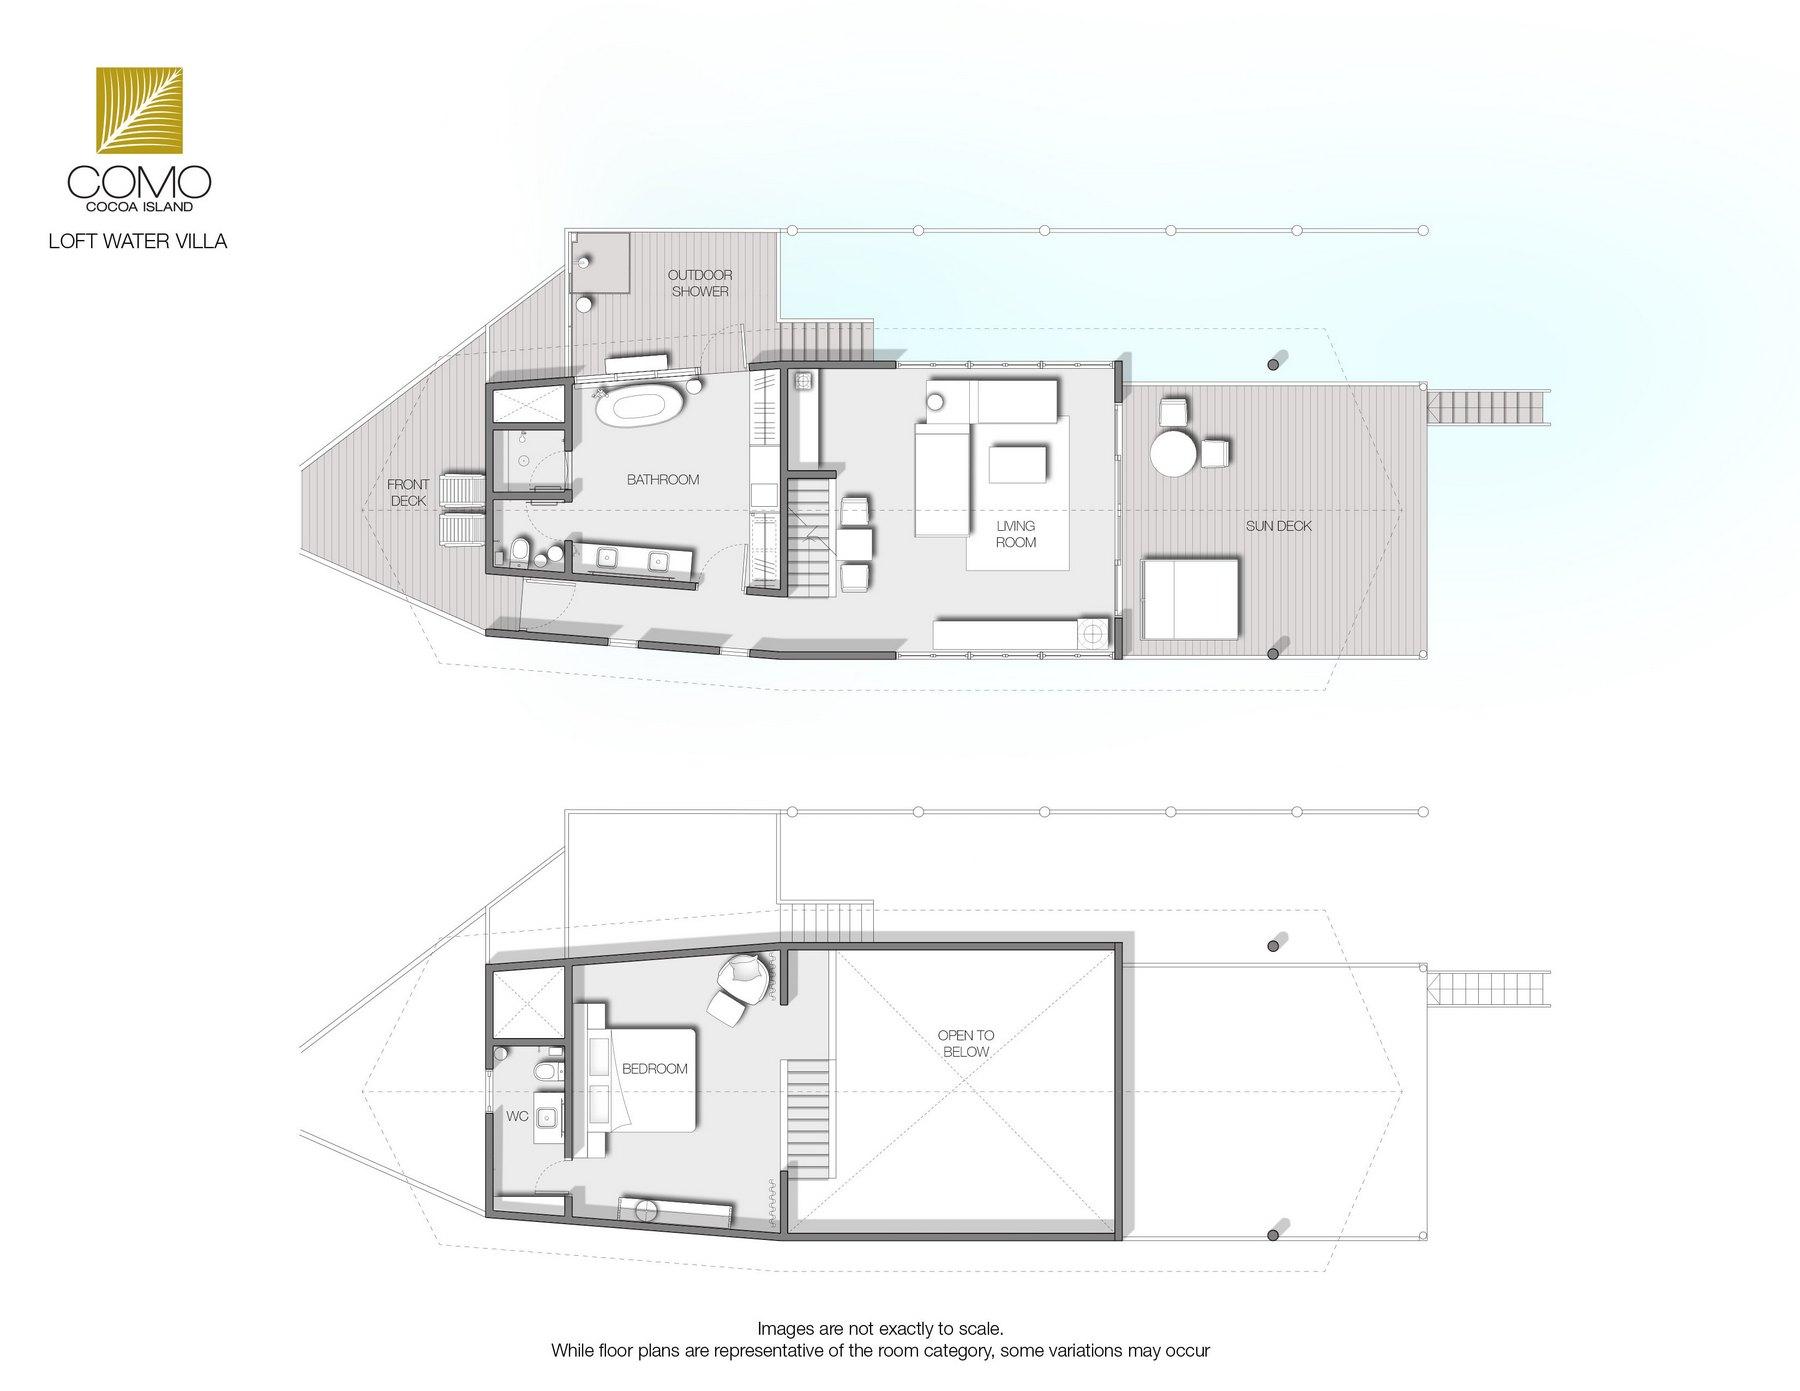 Мальдивы, Отель COMO Cocoa Island, план-схема номера Loft Water Villa